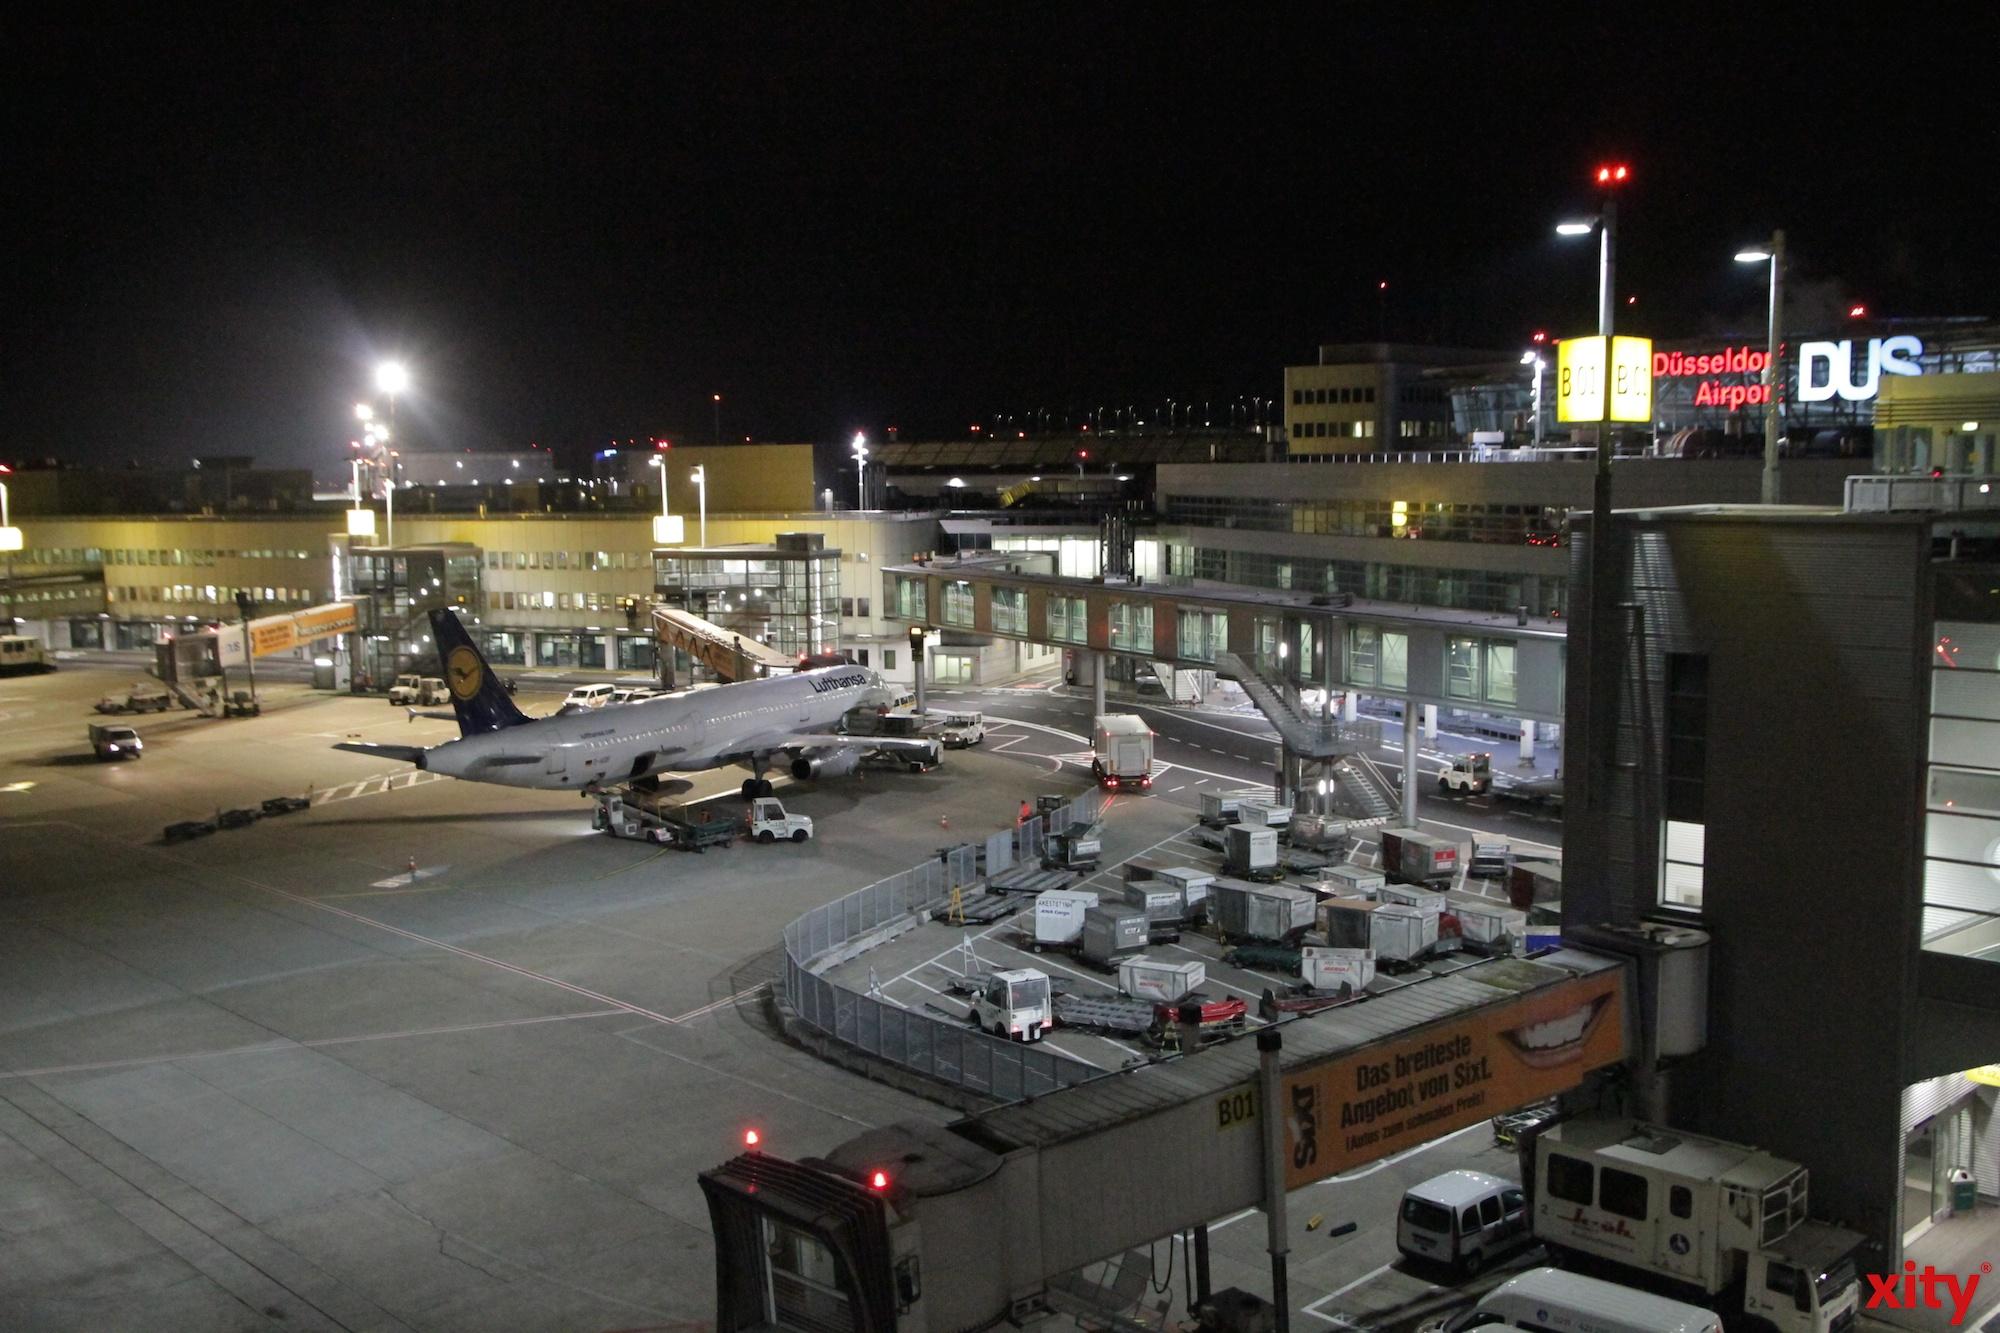 Zahl der Nachtflugbewegungen am Flughafen Düsseldorf weiter deutlich zurückgegangen (Foto: xity)